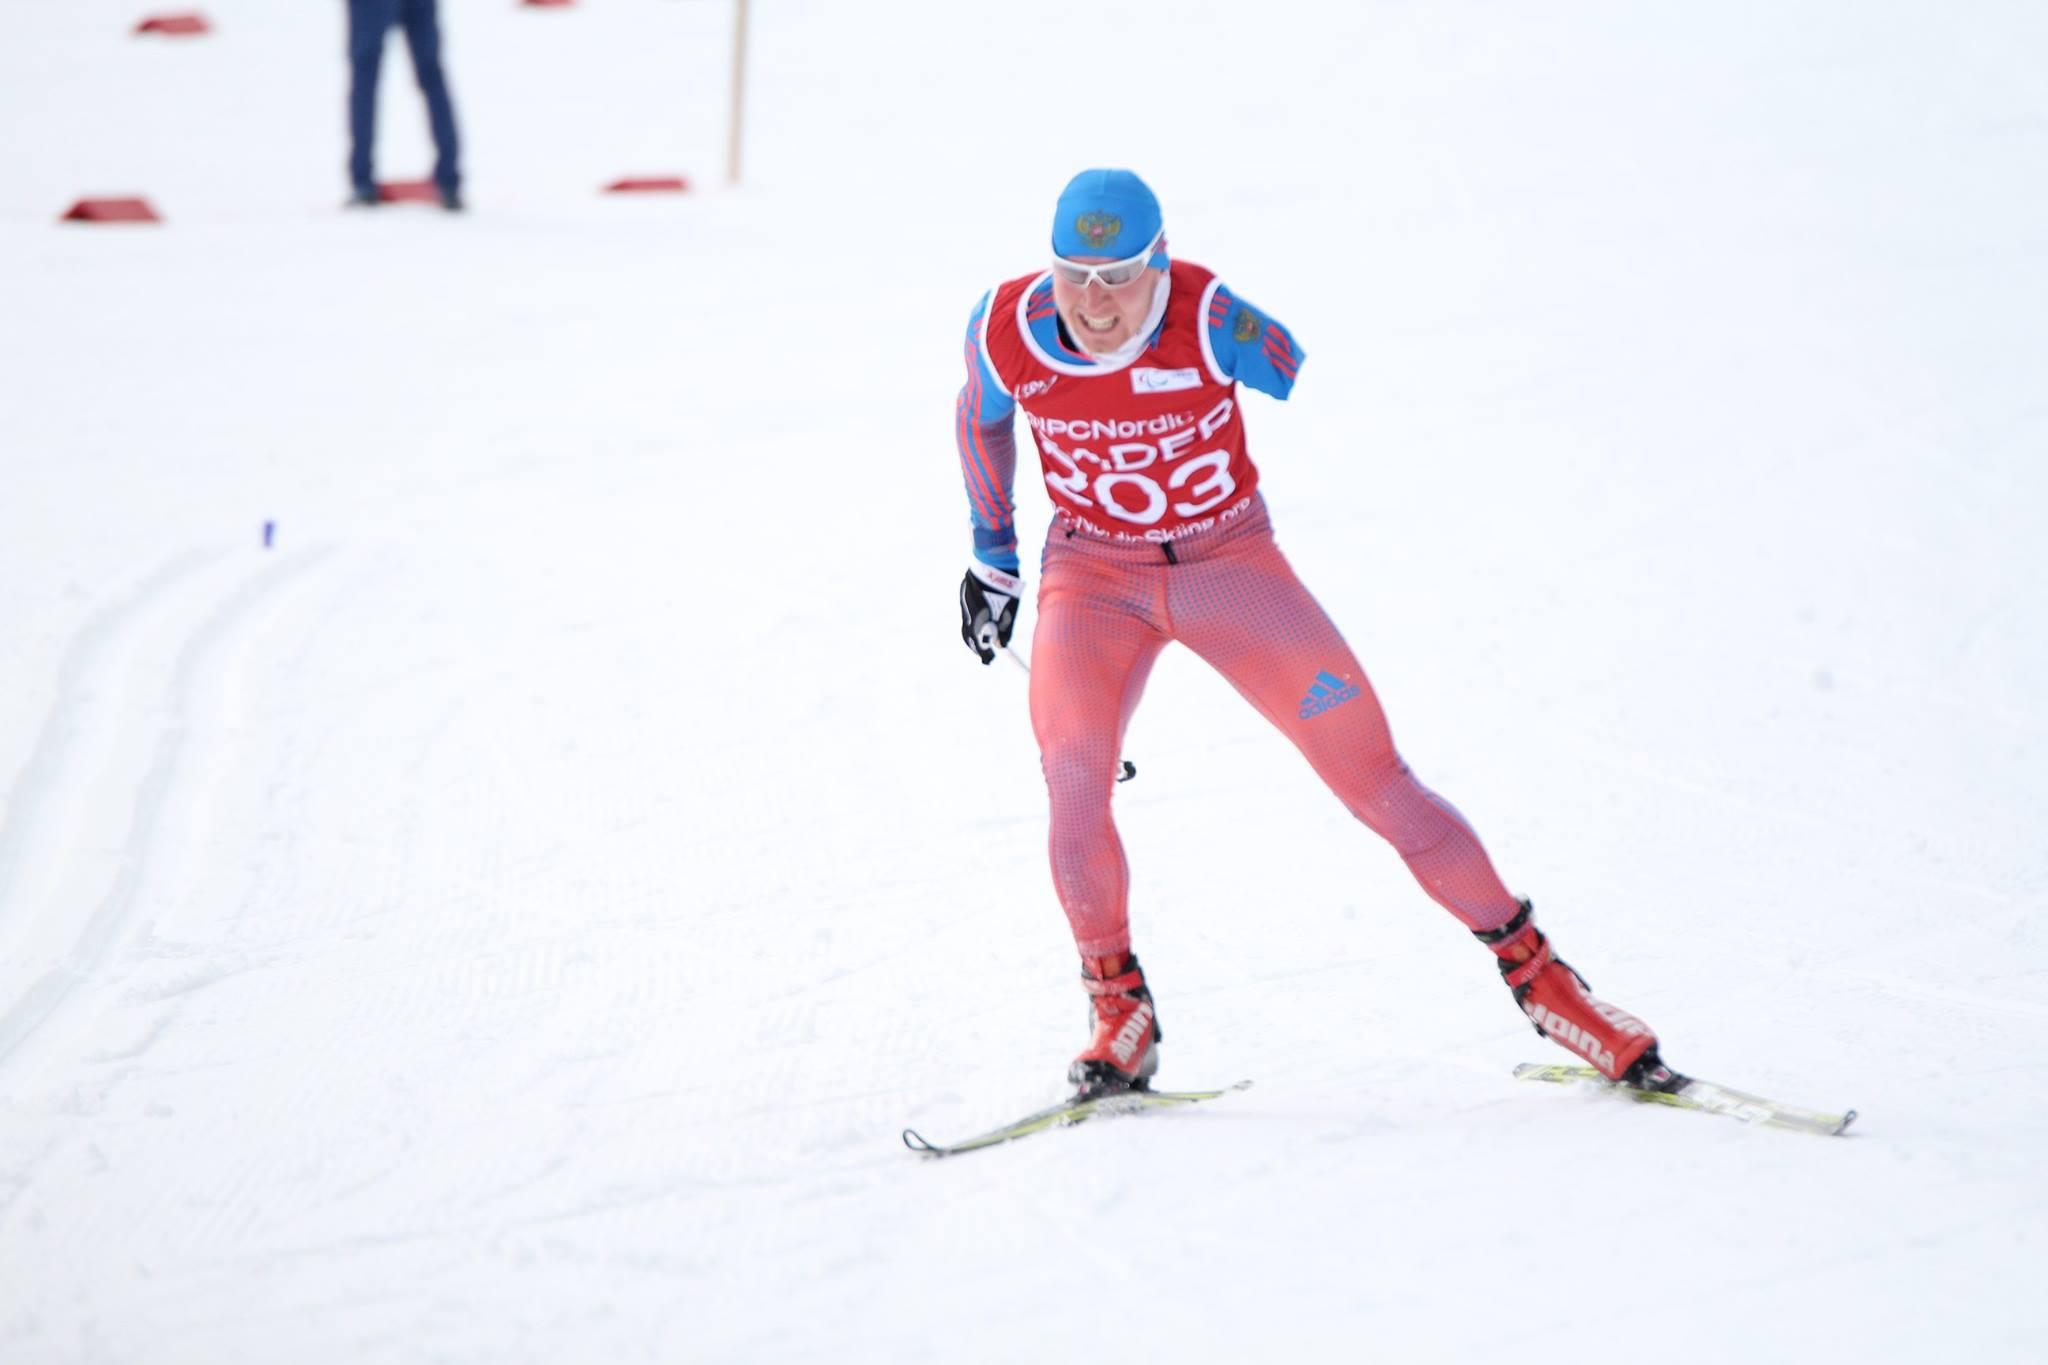 Россияне завоевали шесть золотых медалей в стартовые дни Кубка мира IPC по лыжным гонкам и биатлону в Финляндии